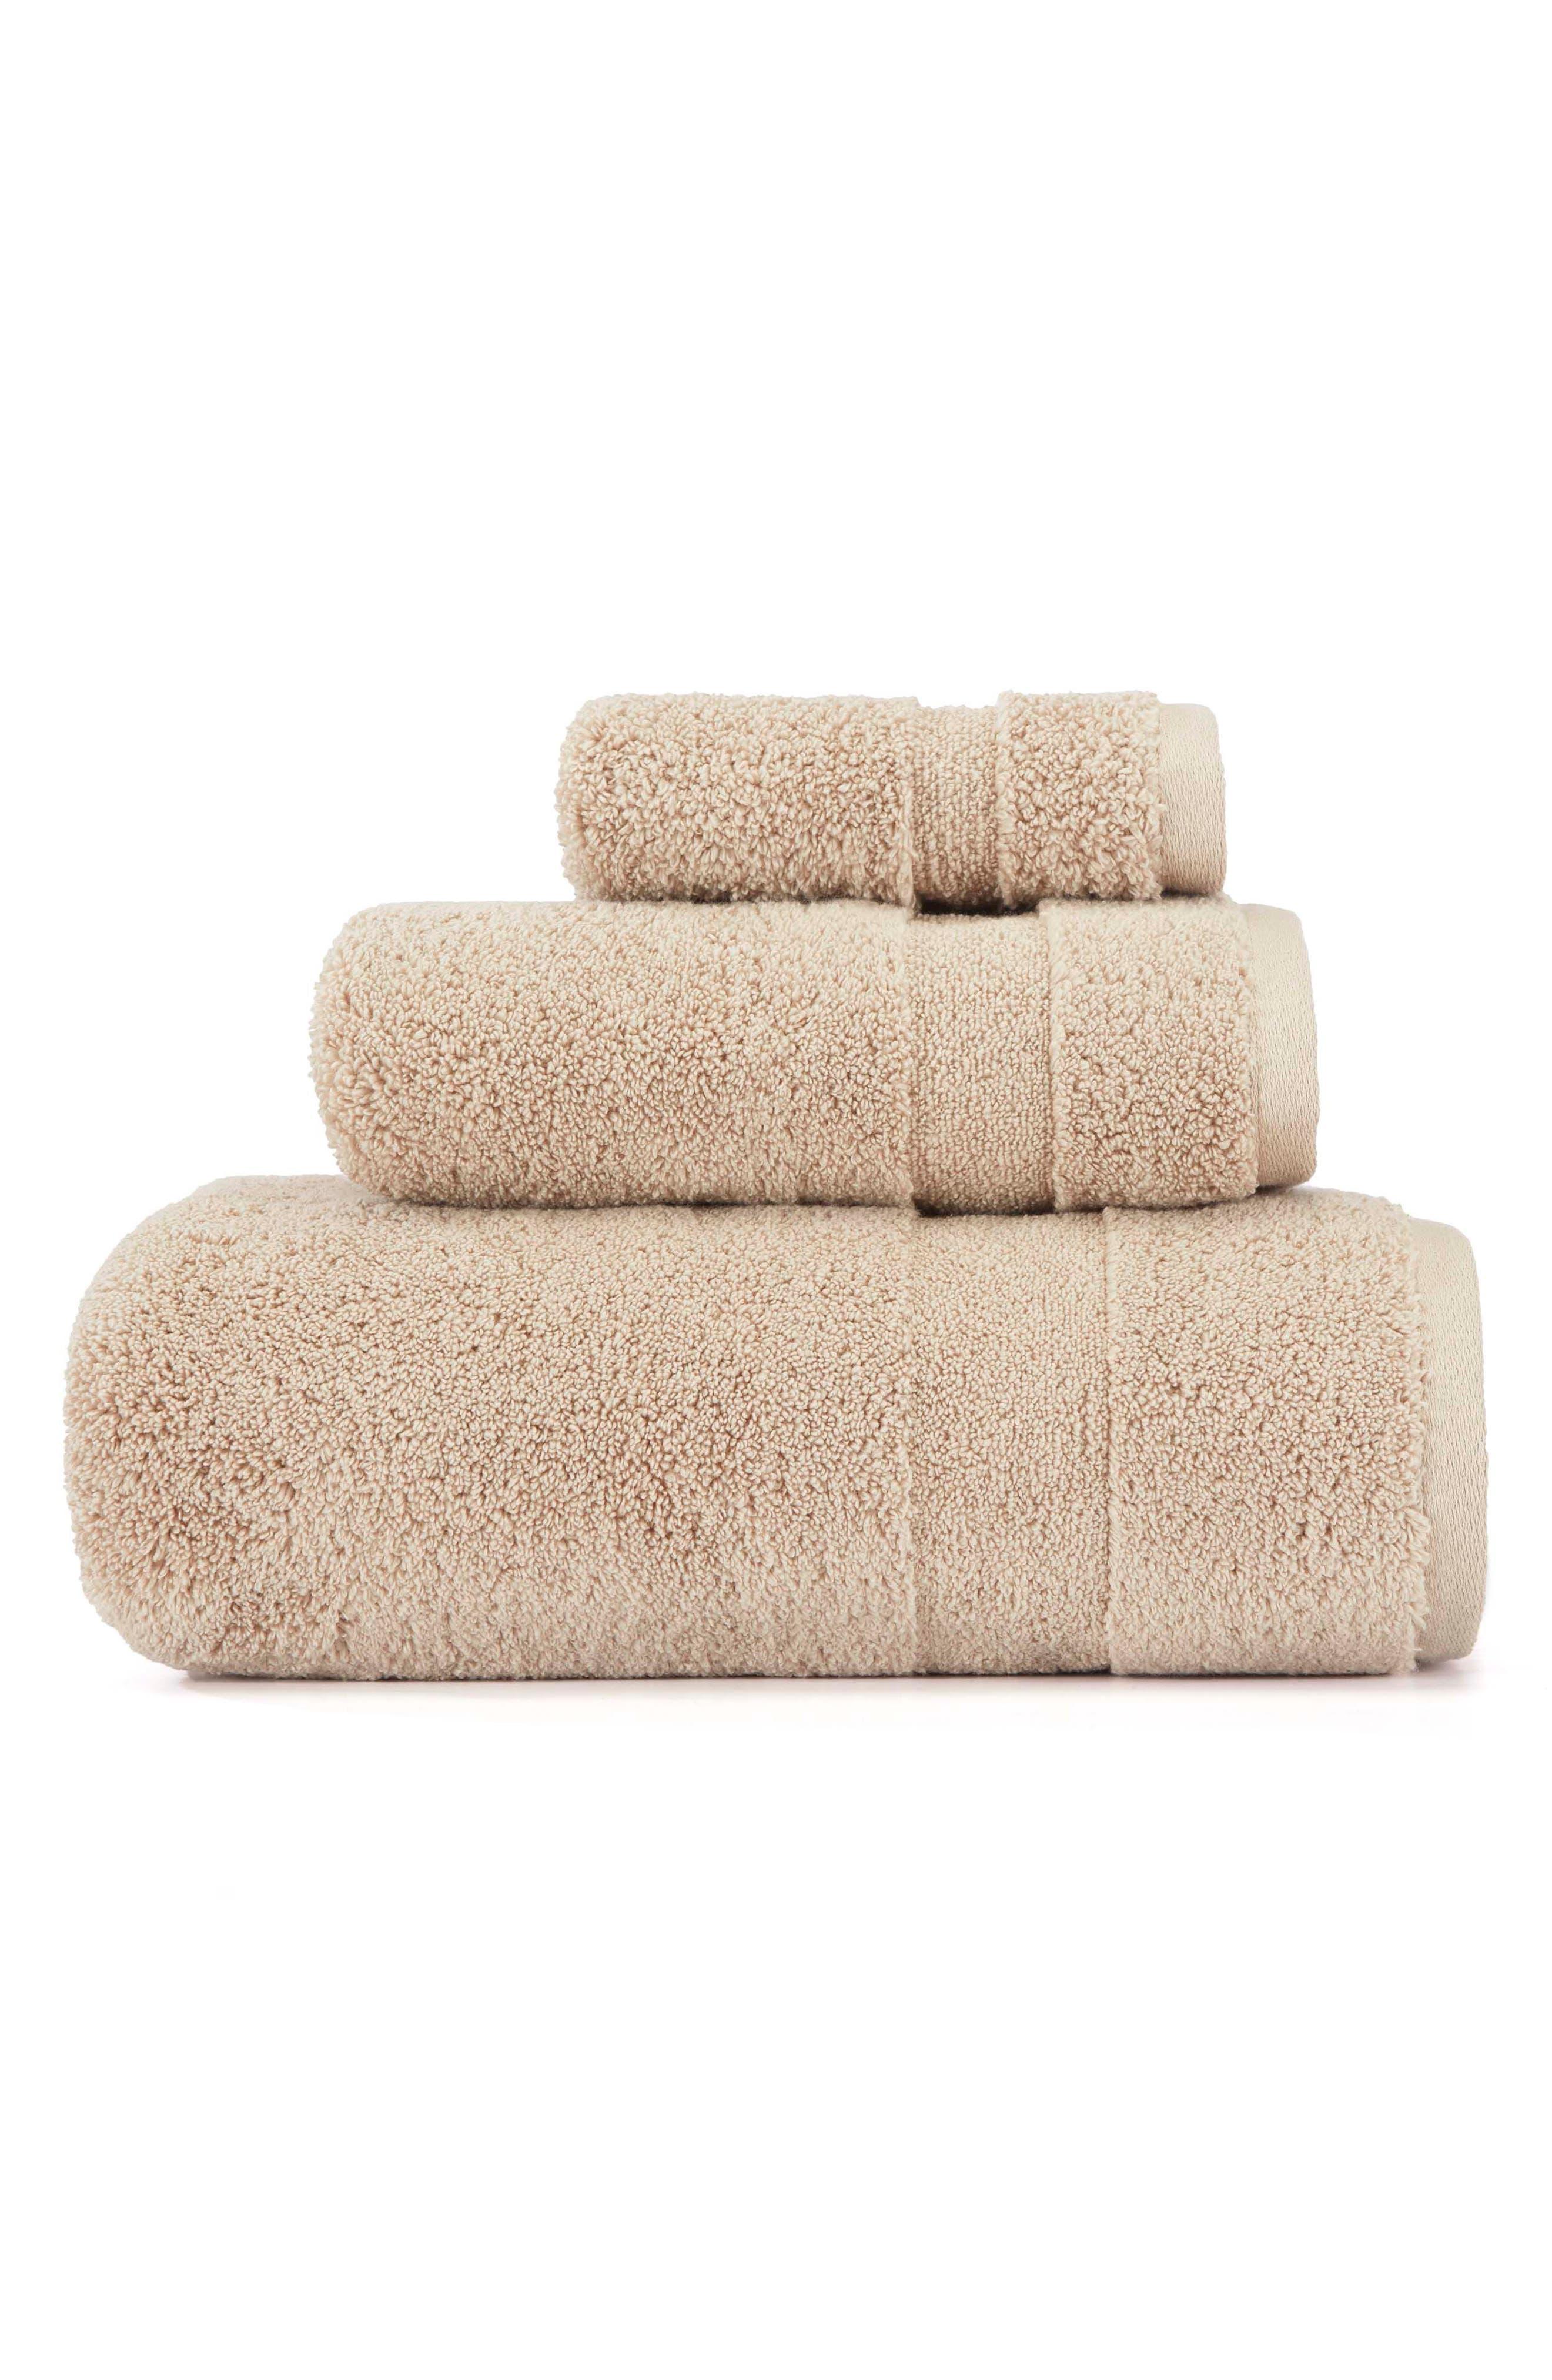 ED Ellen DeGeneres Kindness Bath Towel, Hand Towel & Washcloth Set